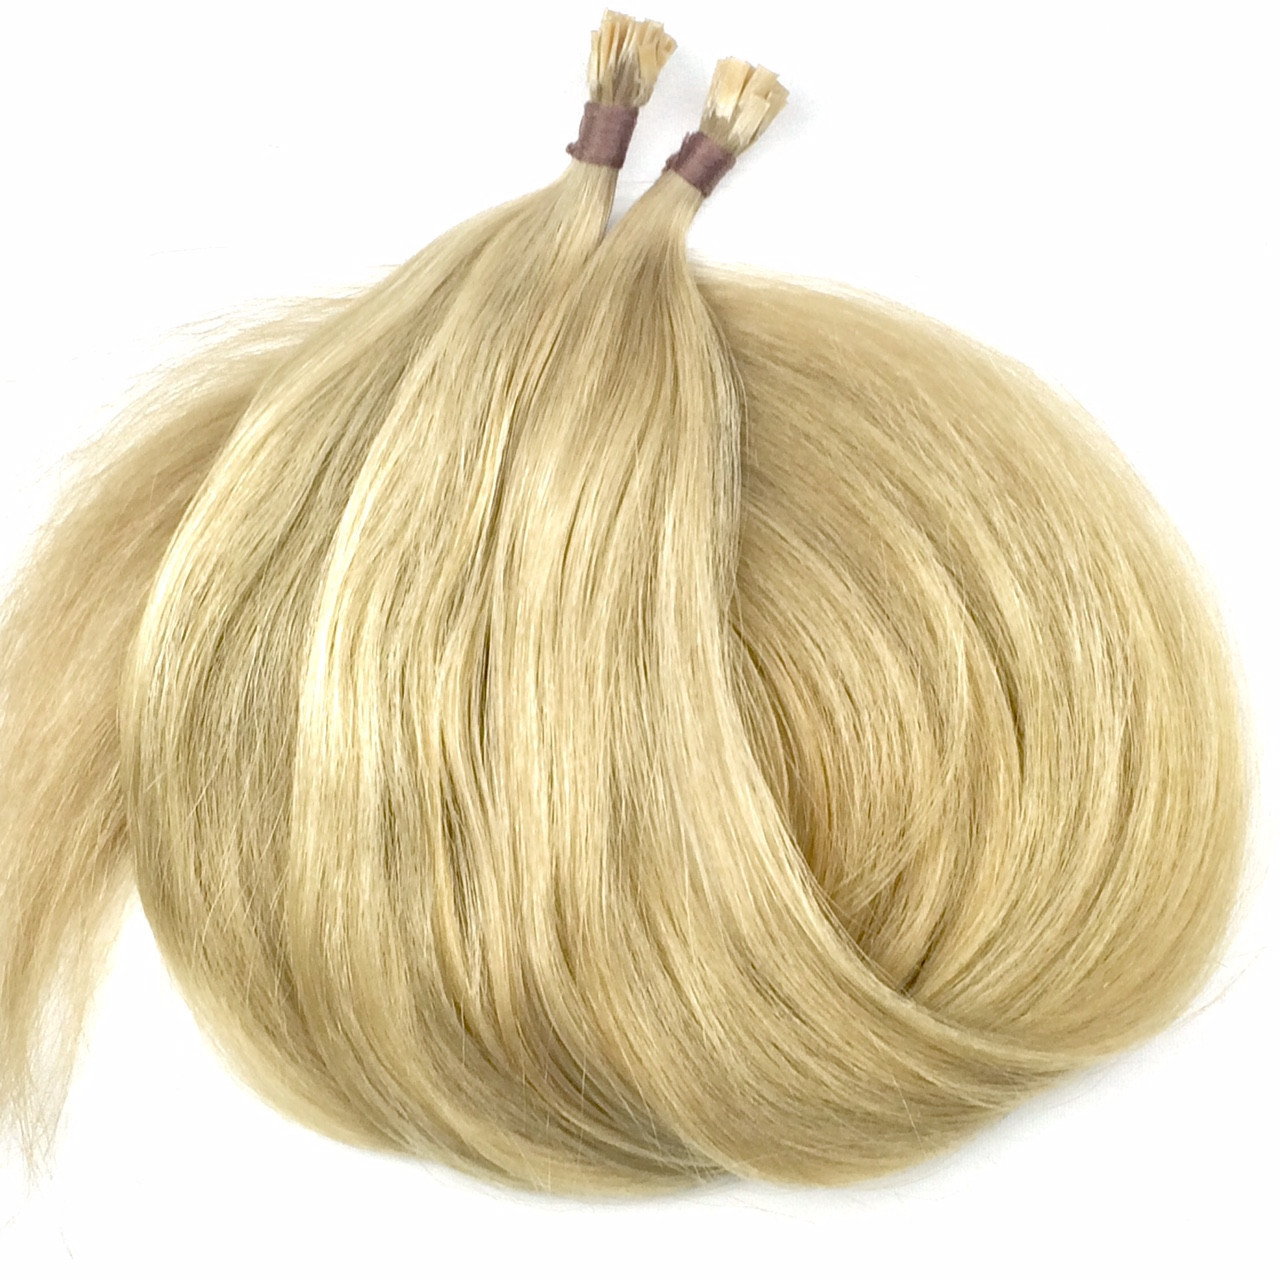 Славянские волосы на капсулах 60 см. Цвет #Холодный блонд